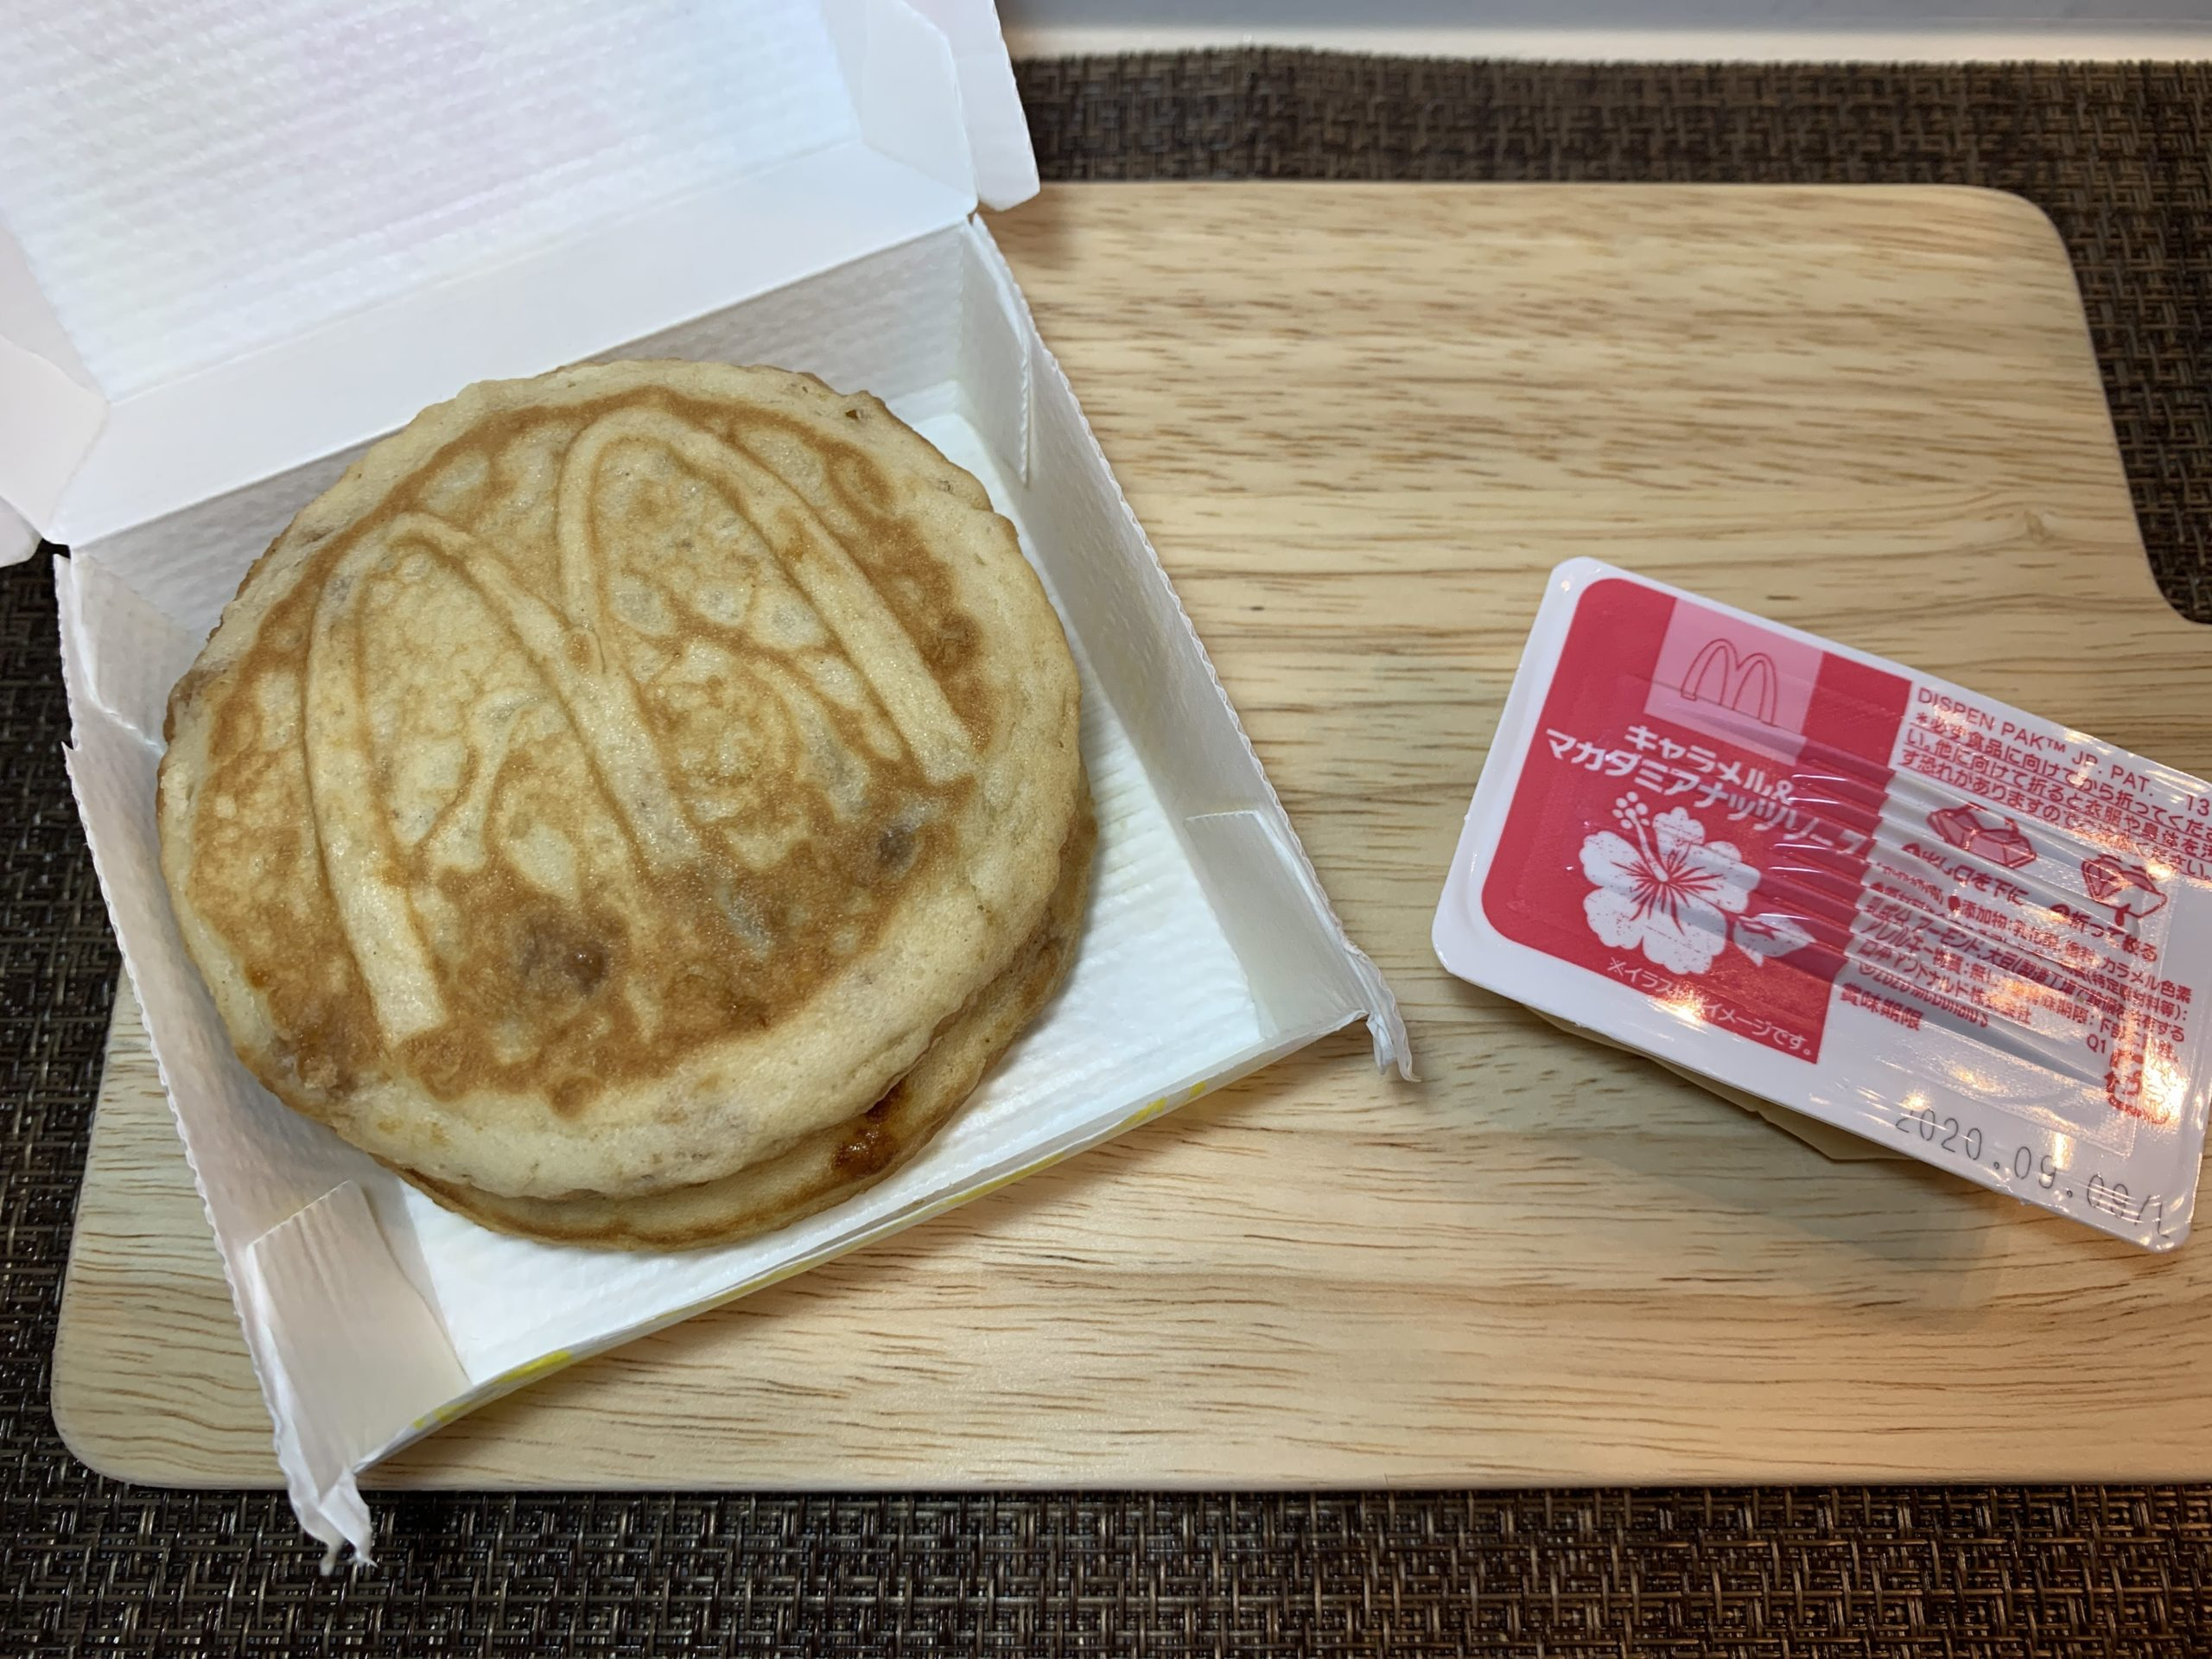 マックのハワイアンパンケーキは美味しいのか?値段やカロリー&実食レビュー